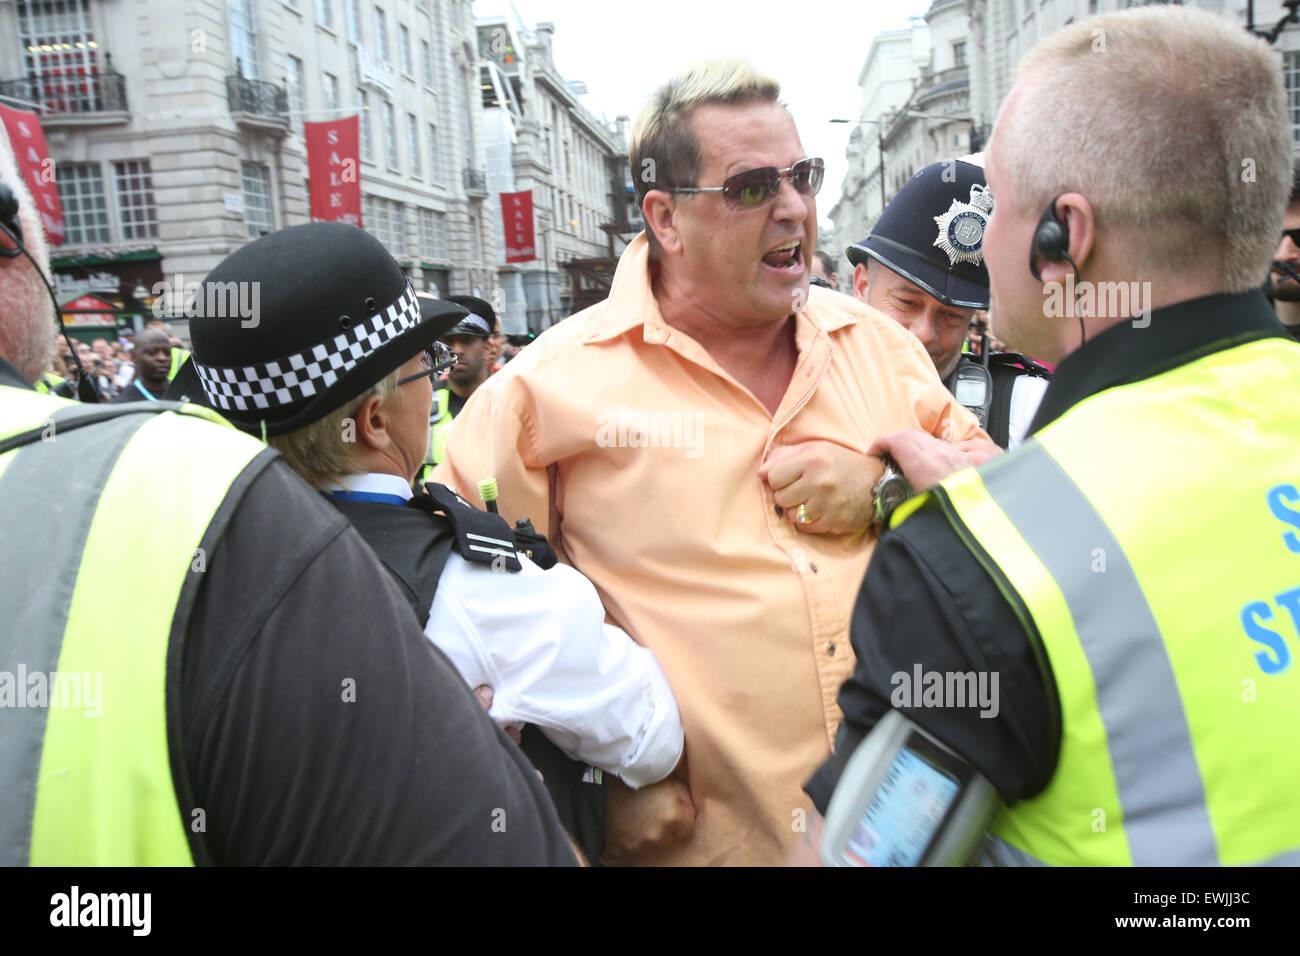 Londres, Royaume-Uni, le 27 juin 2015 - Un homme est pris au sol et menotté brièvement à la suite d'une échauffourée qui a mis au point à l'avant de la marche inLondon. Credit: Finn Nocher/Alamy Live News Banque D'Images